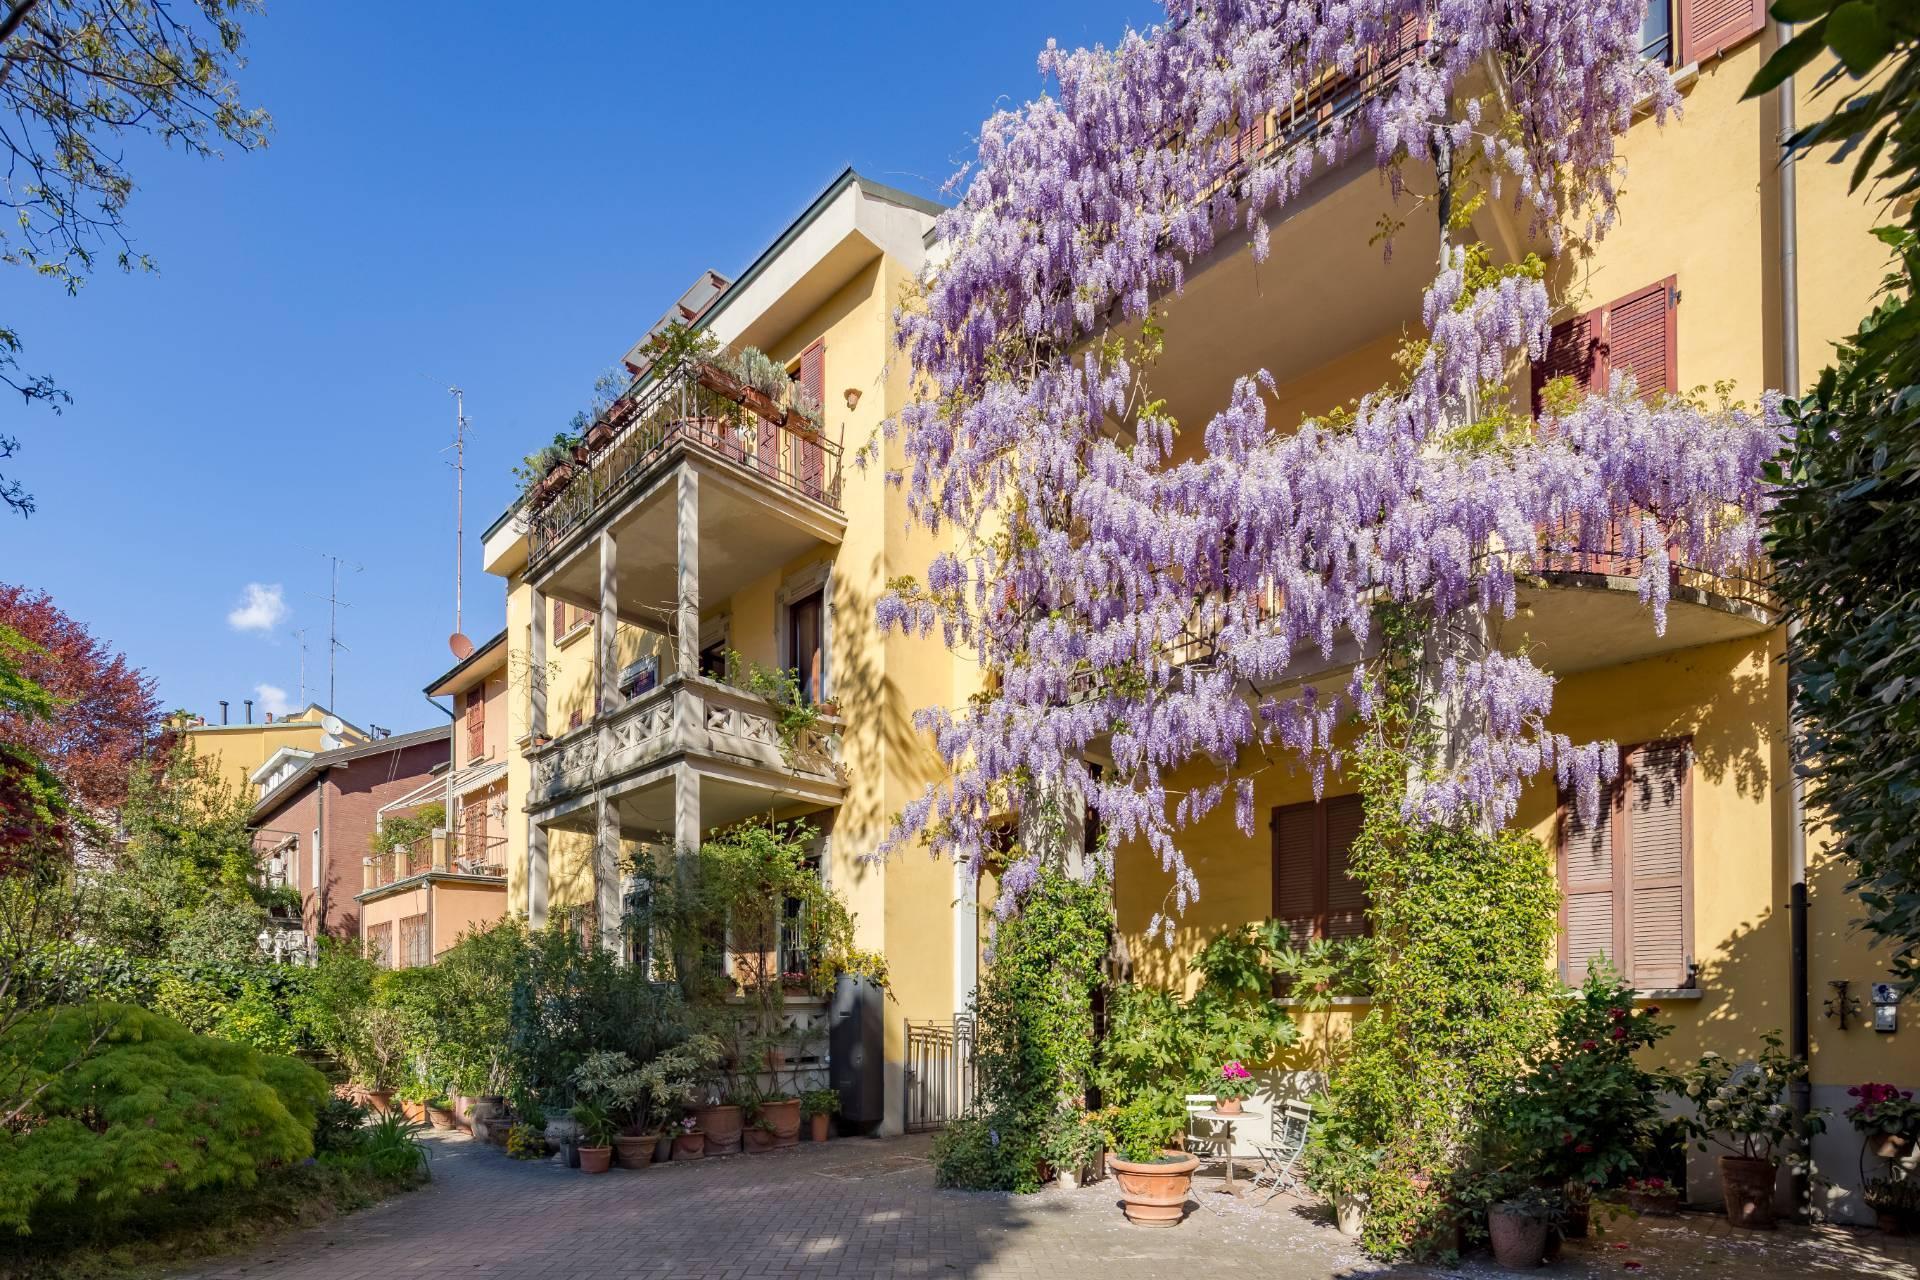 Elegant residence overlooking a lush flower garden - 2